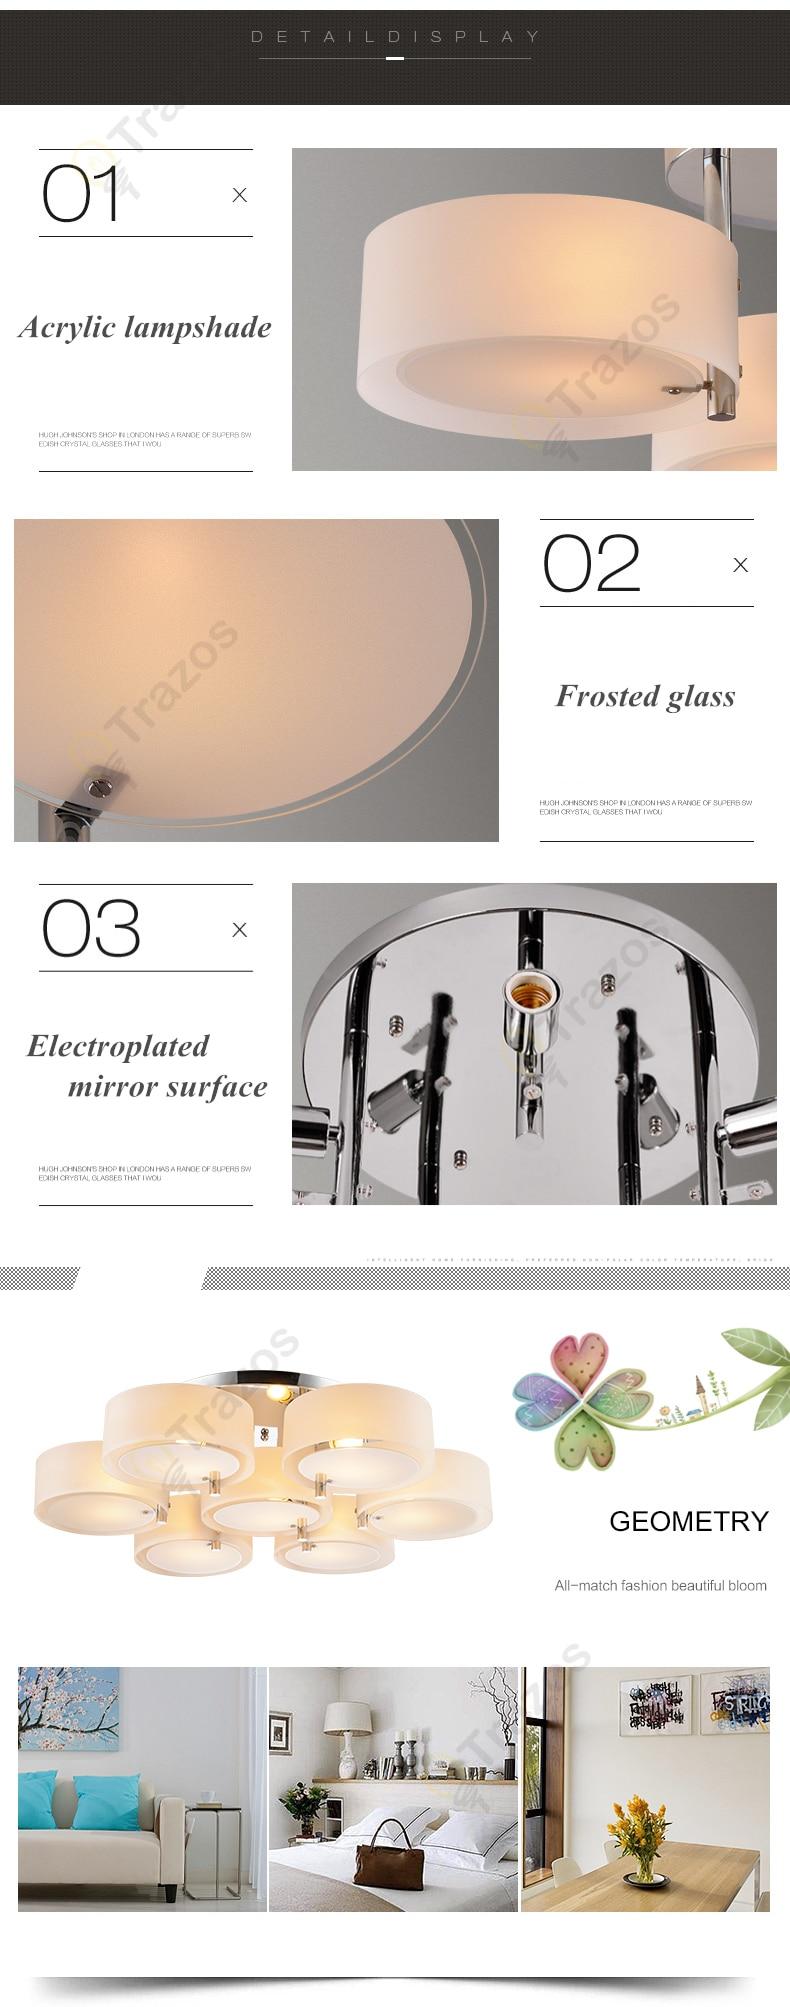 H94f2cc26456c48339e48b3a211c838dbt NEW 2019 Modern Ceiling Lights modern fashionable design dining room lamp pendente de teto de cristal white shade acrylic lustre